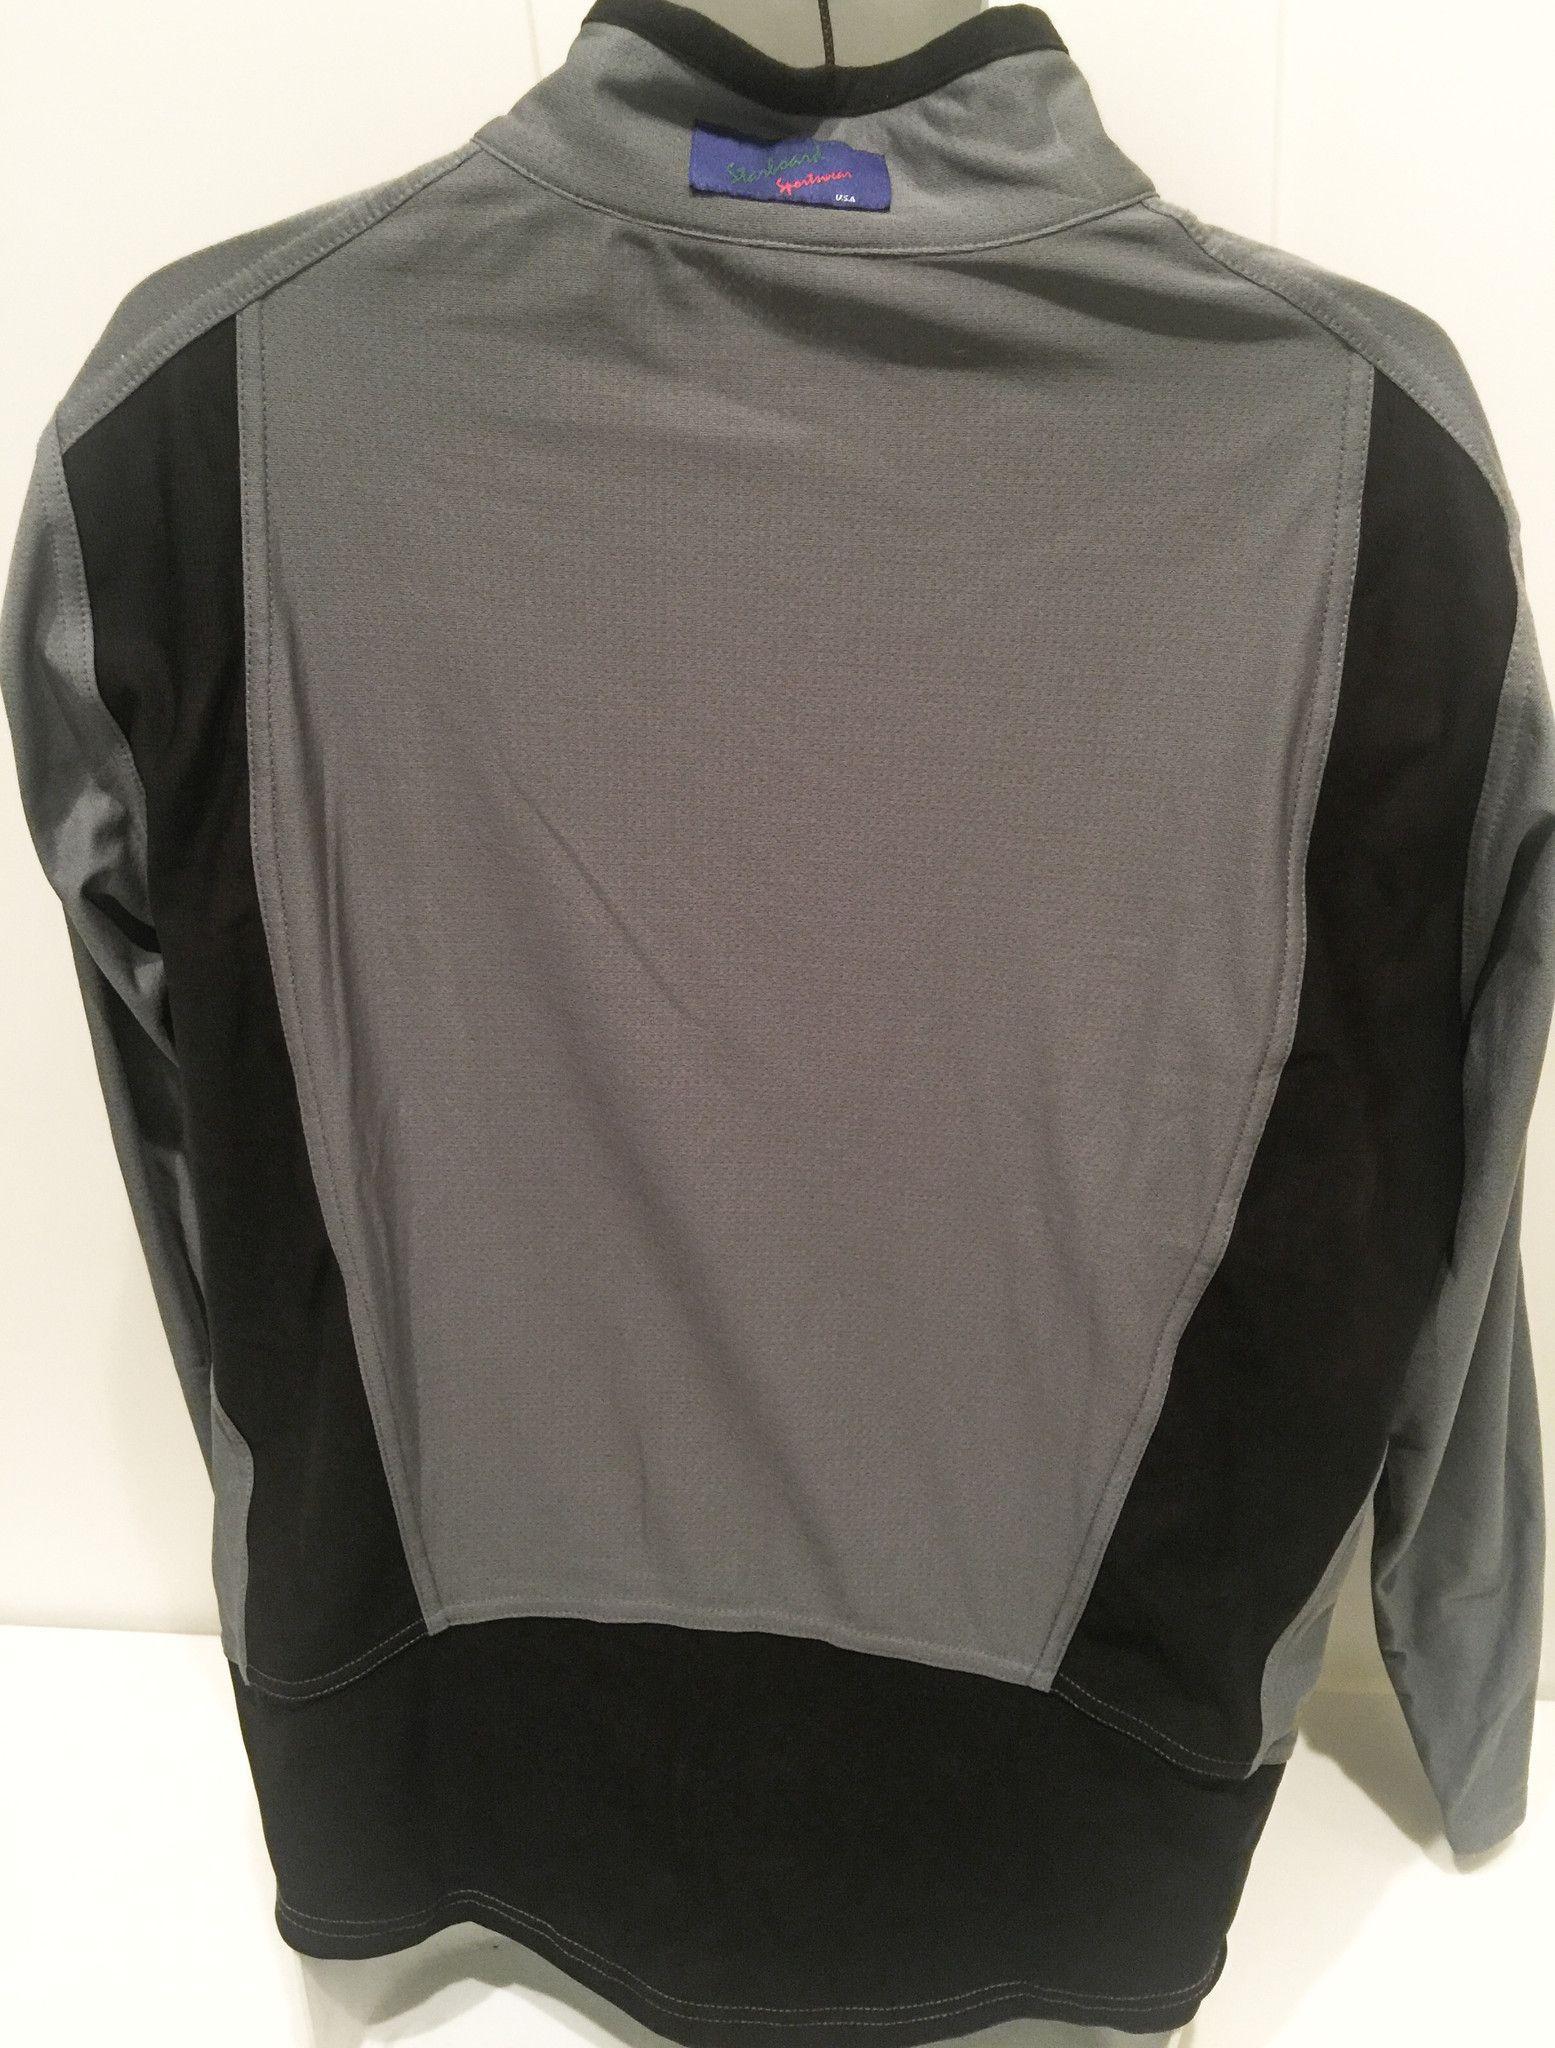 Mid-Layer Zip Top